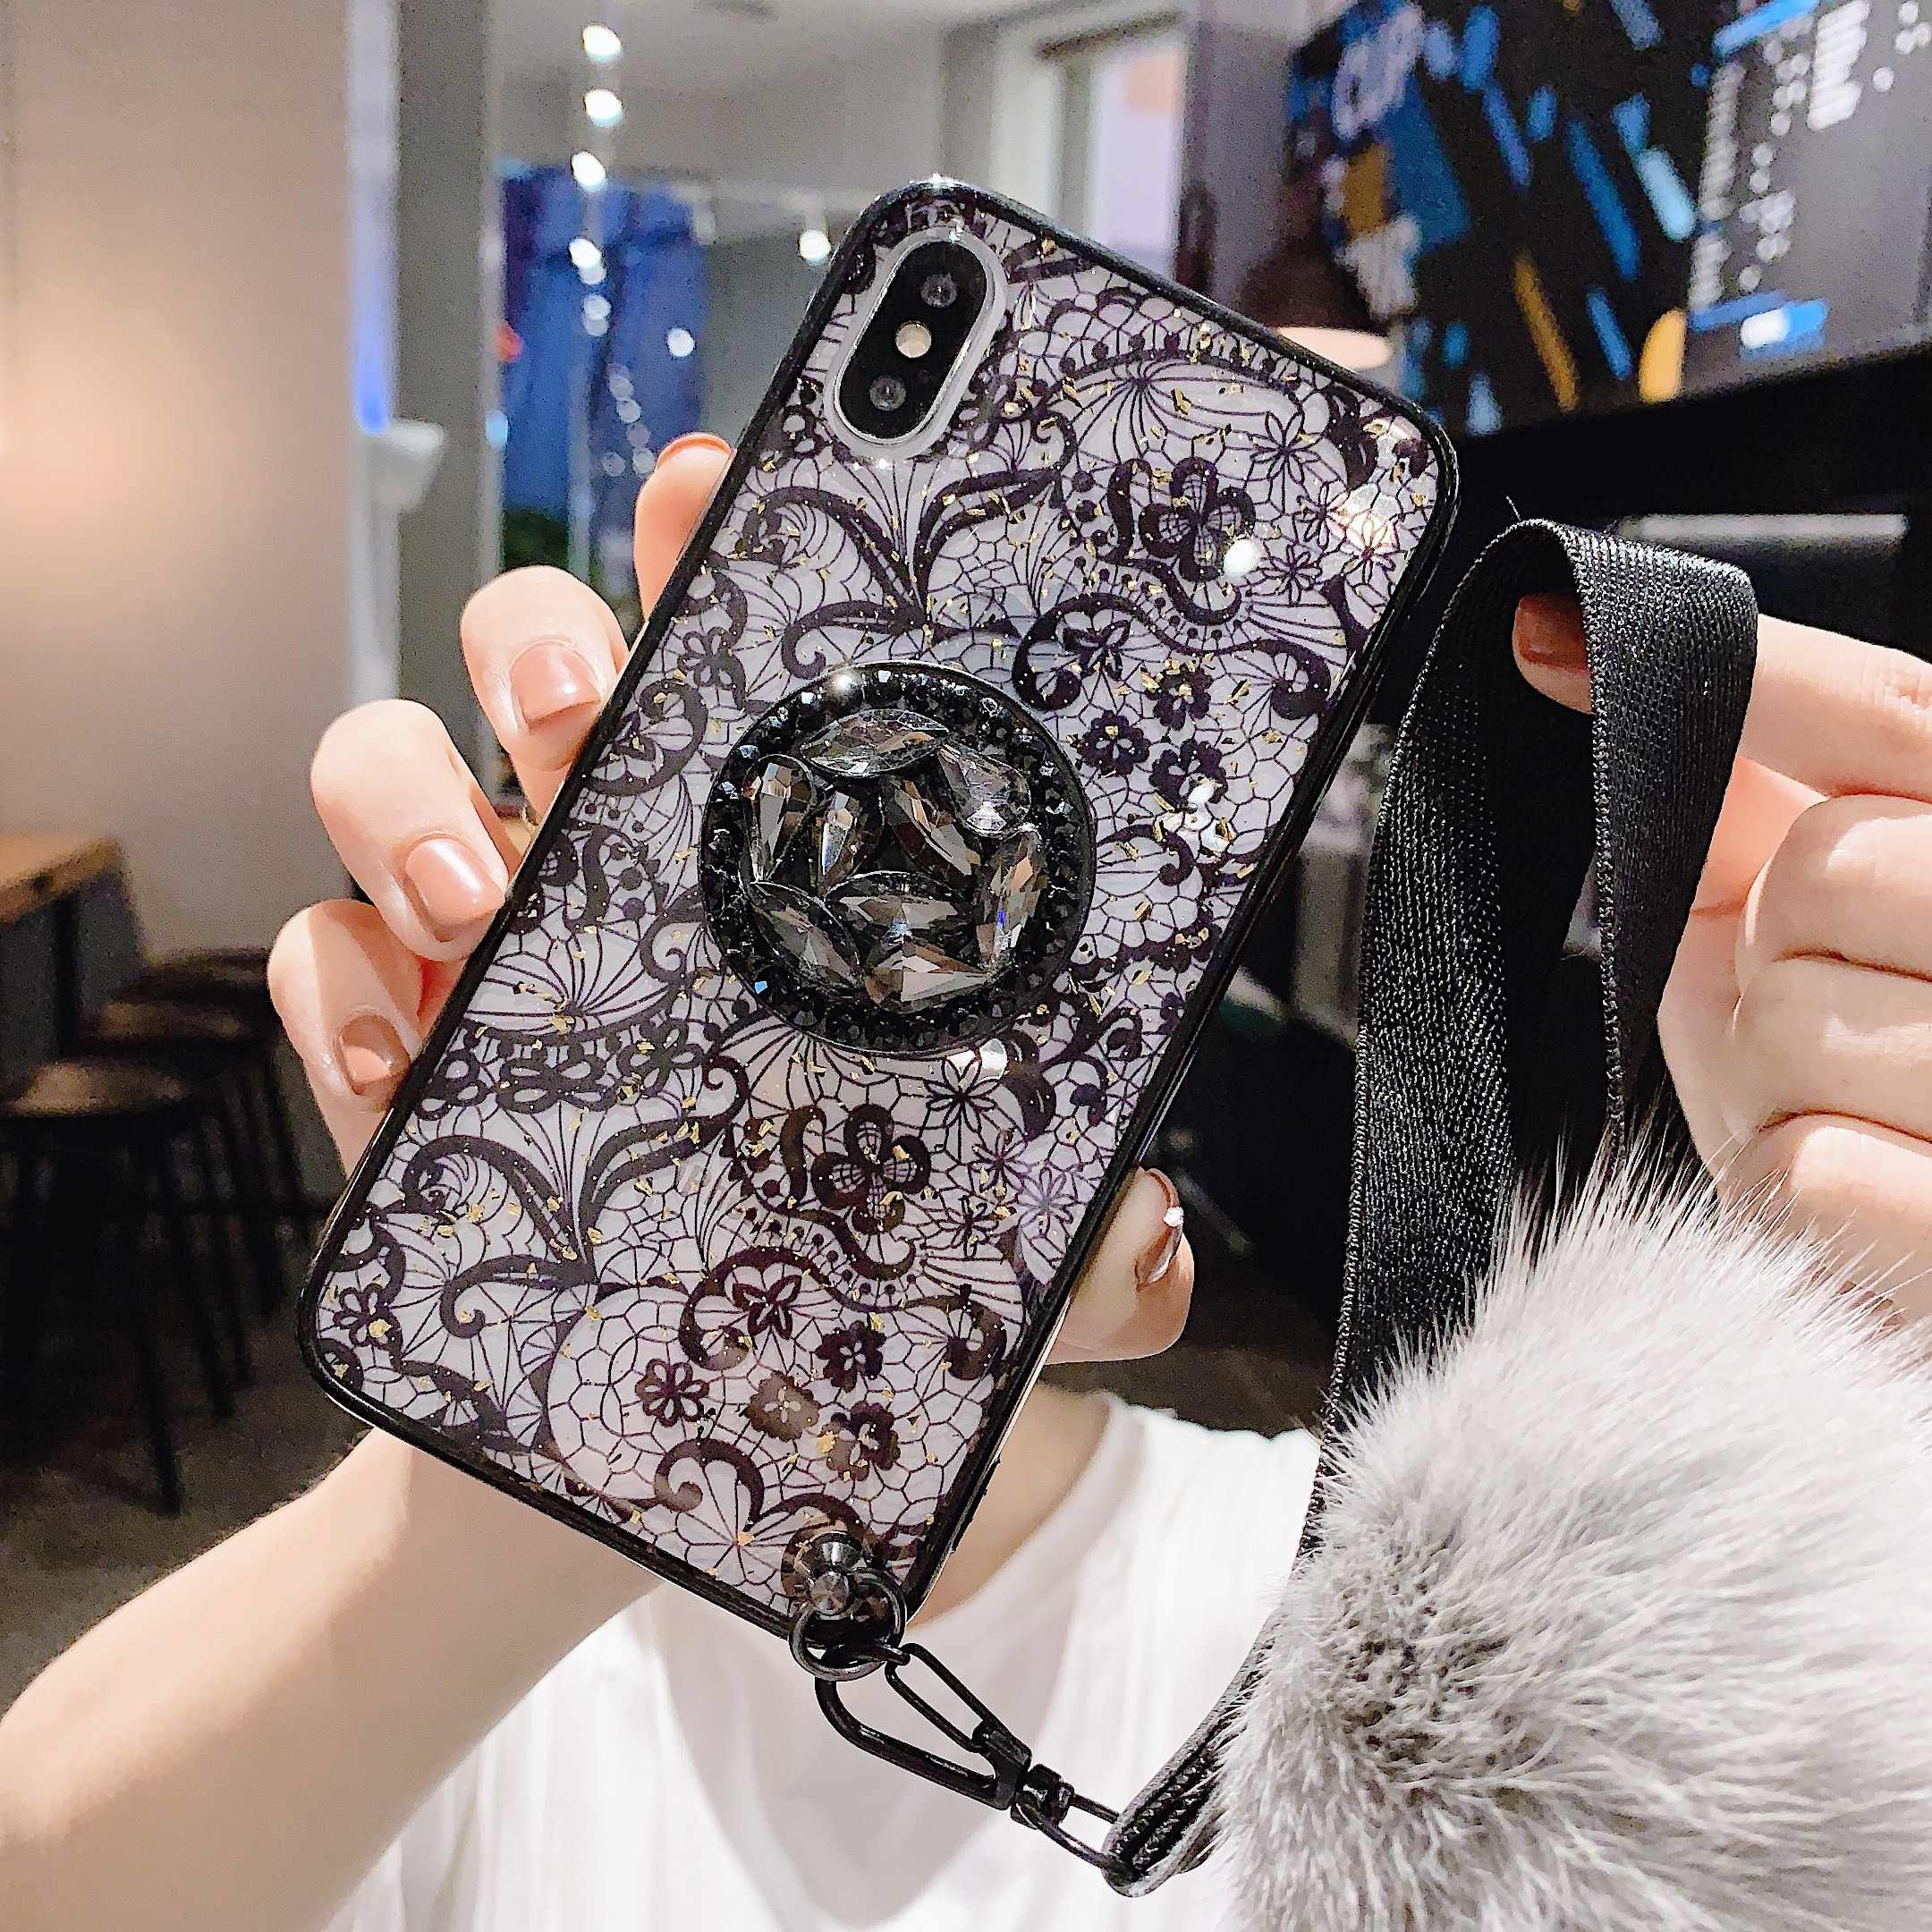 11ProMAX del Supporto del basamento morbida palla di pelo di copertura Del Merletto della cinghia Per il iPhone 11 Pro MAX 6 6sPlus 8 Più 7 più XSMAX XR XS Molle di TPU cassa Del Telefono